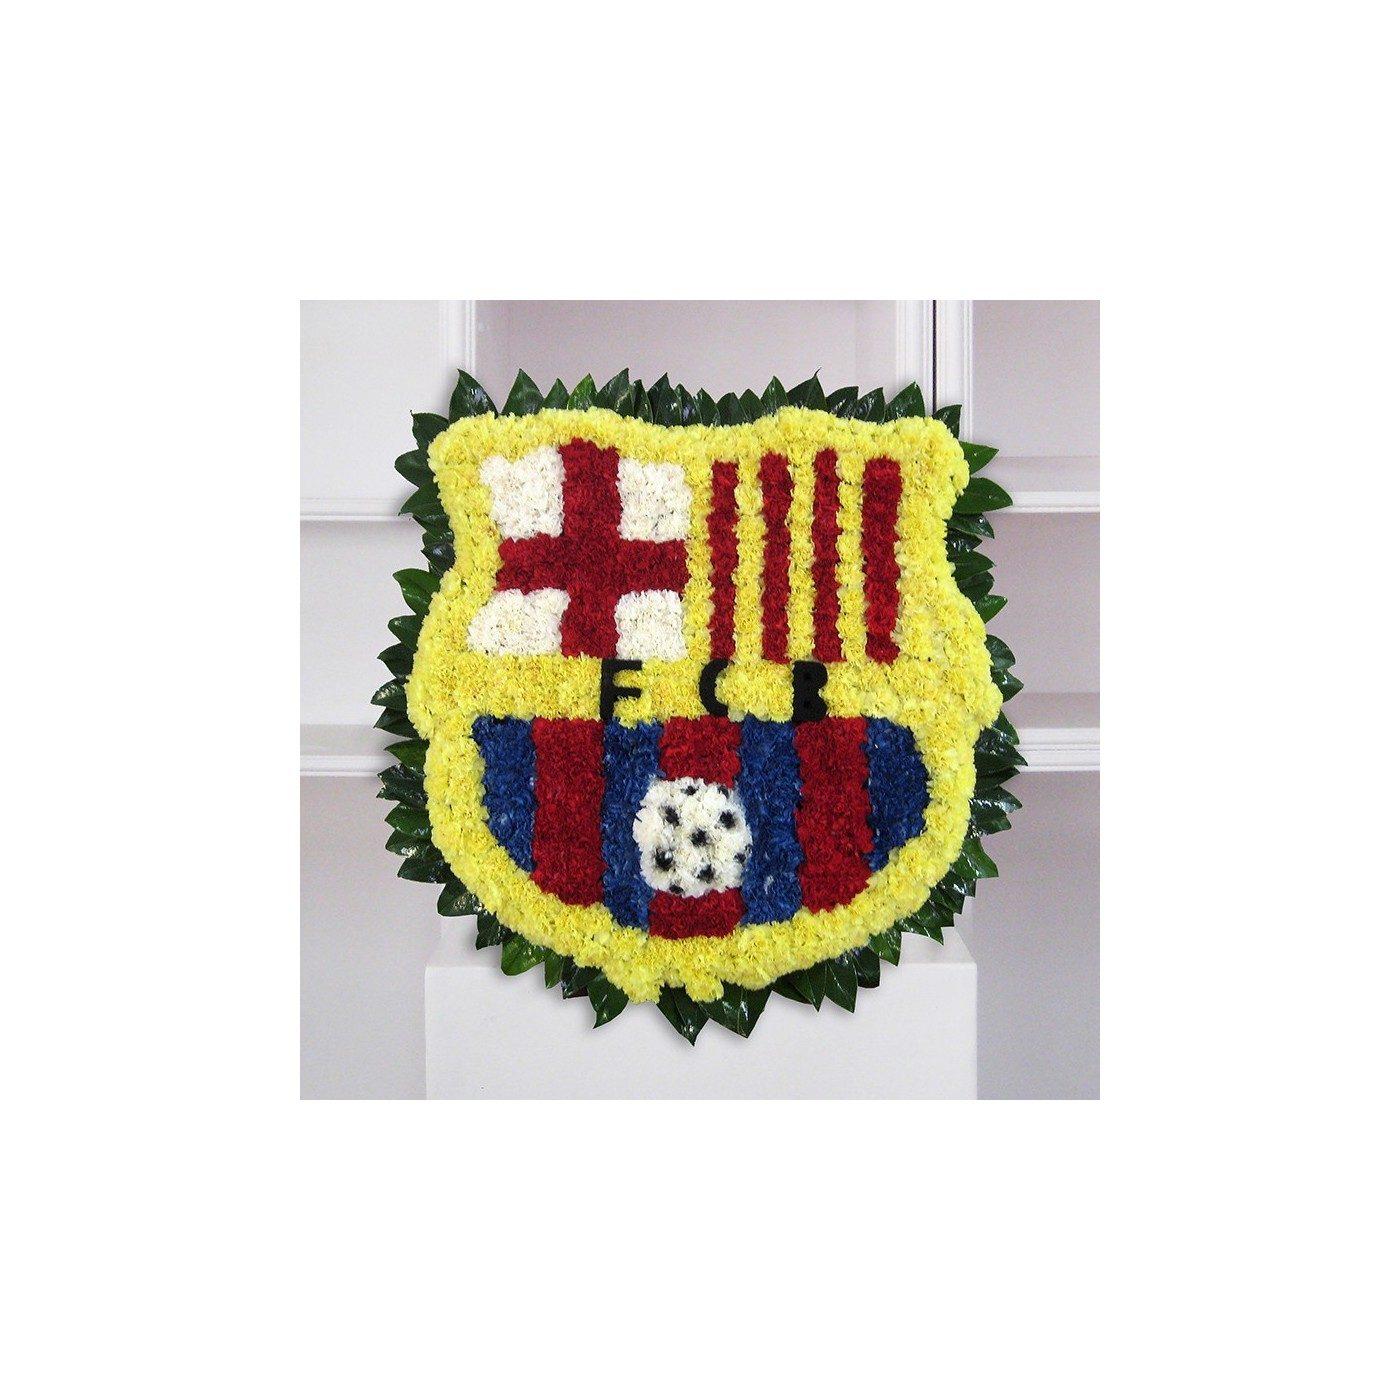 Plafón funerario del escudo del barça